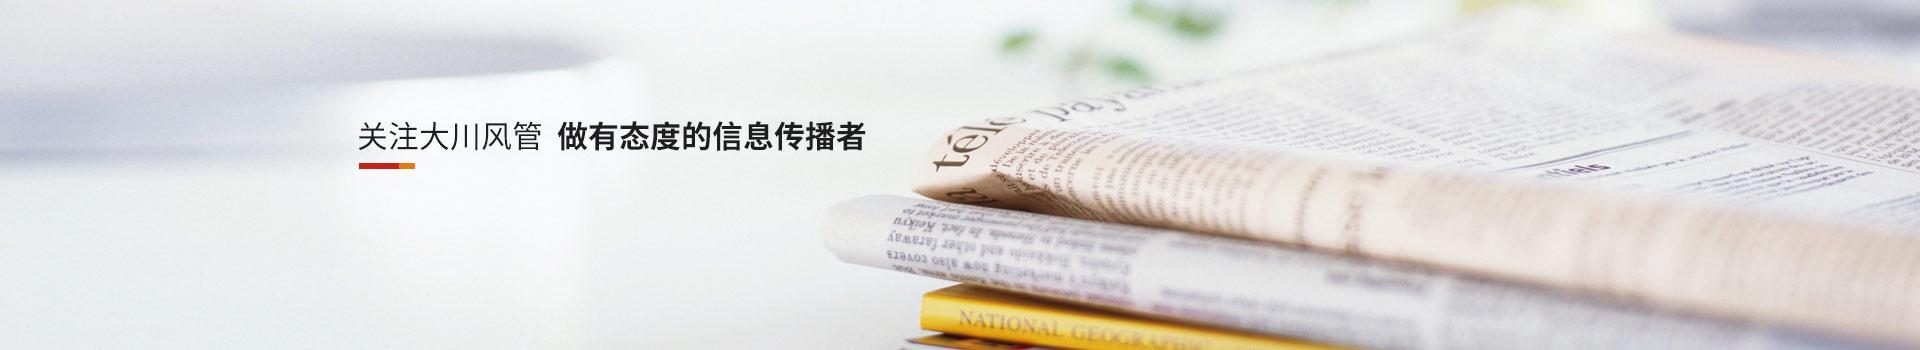 大川新闻中心